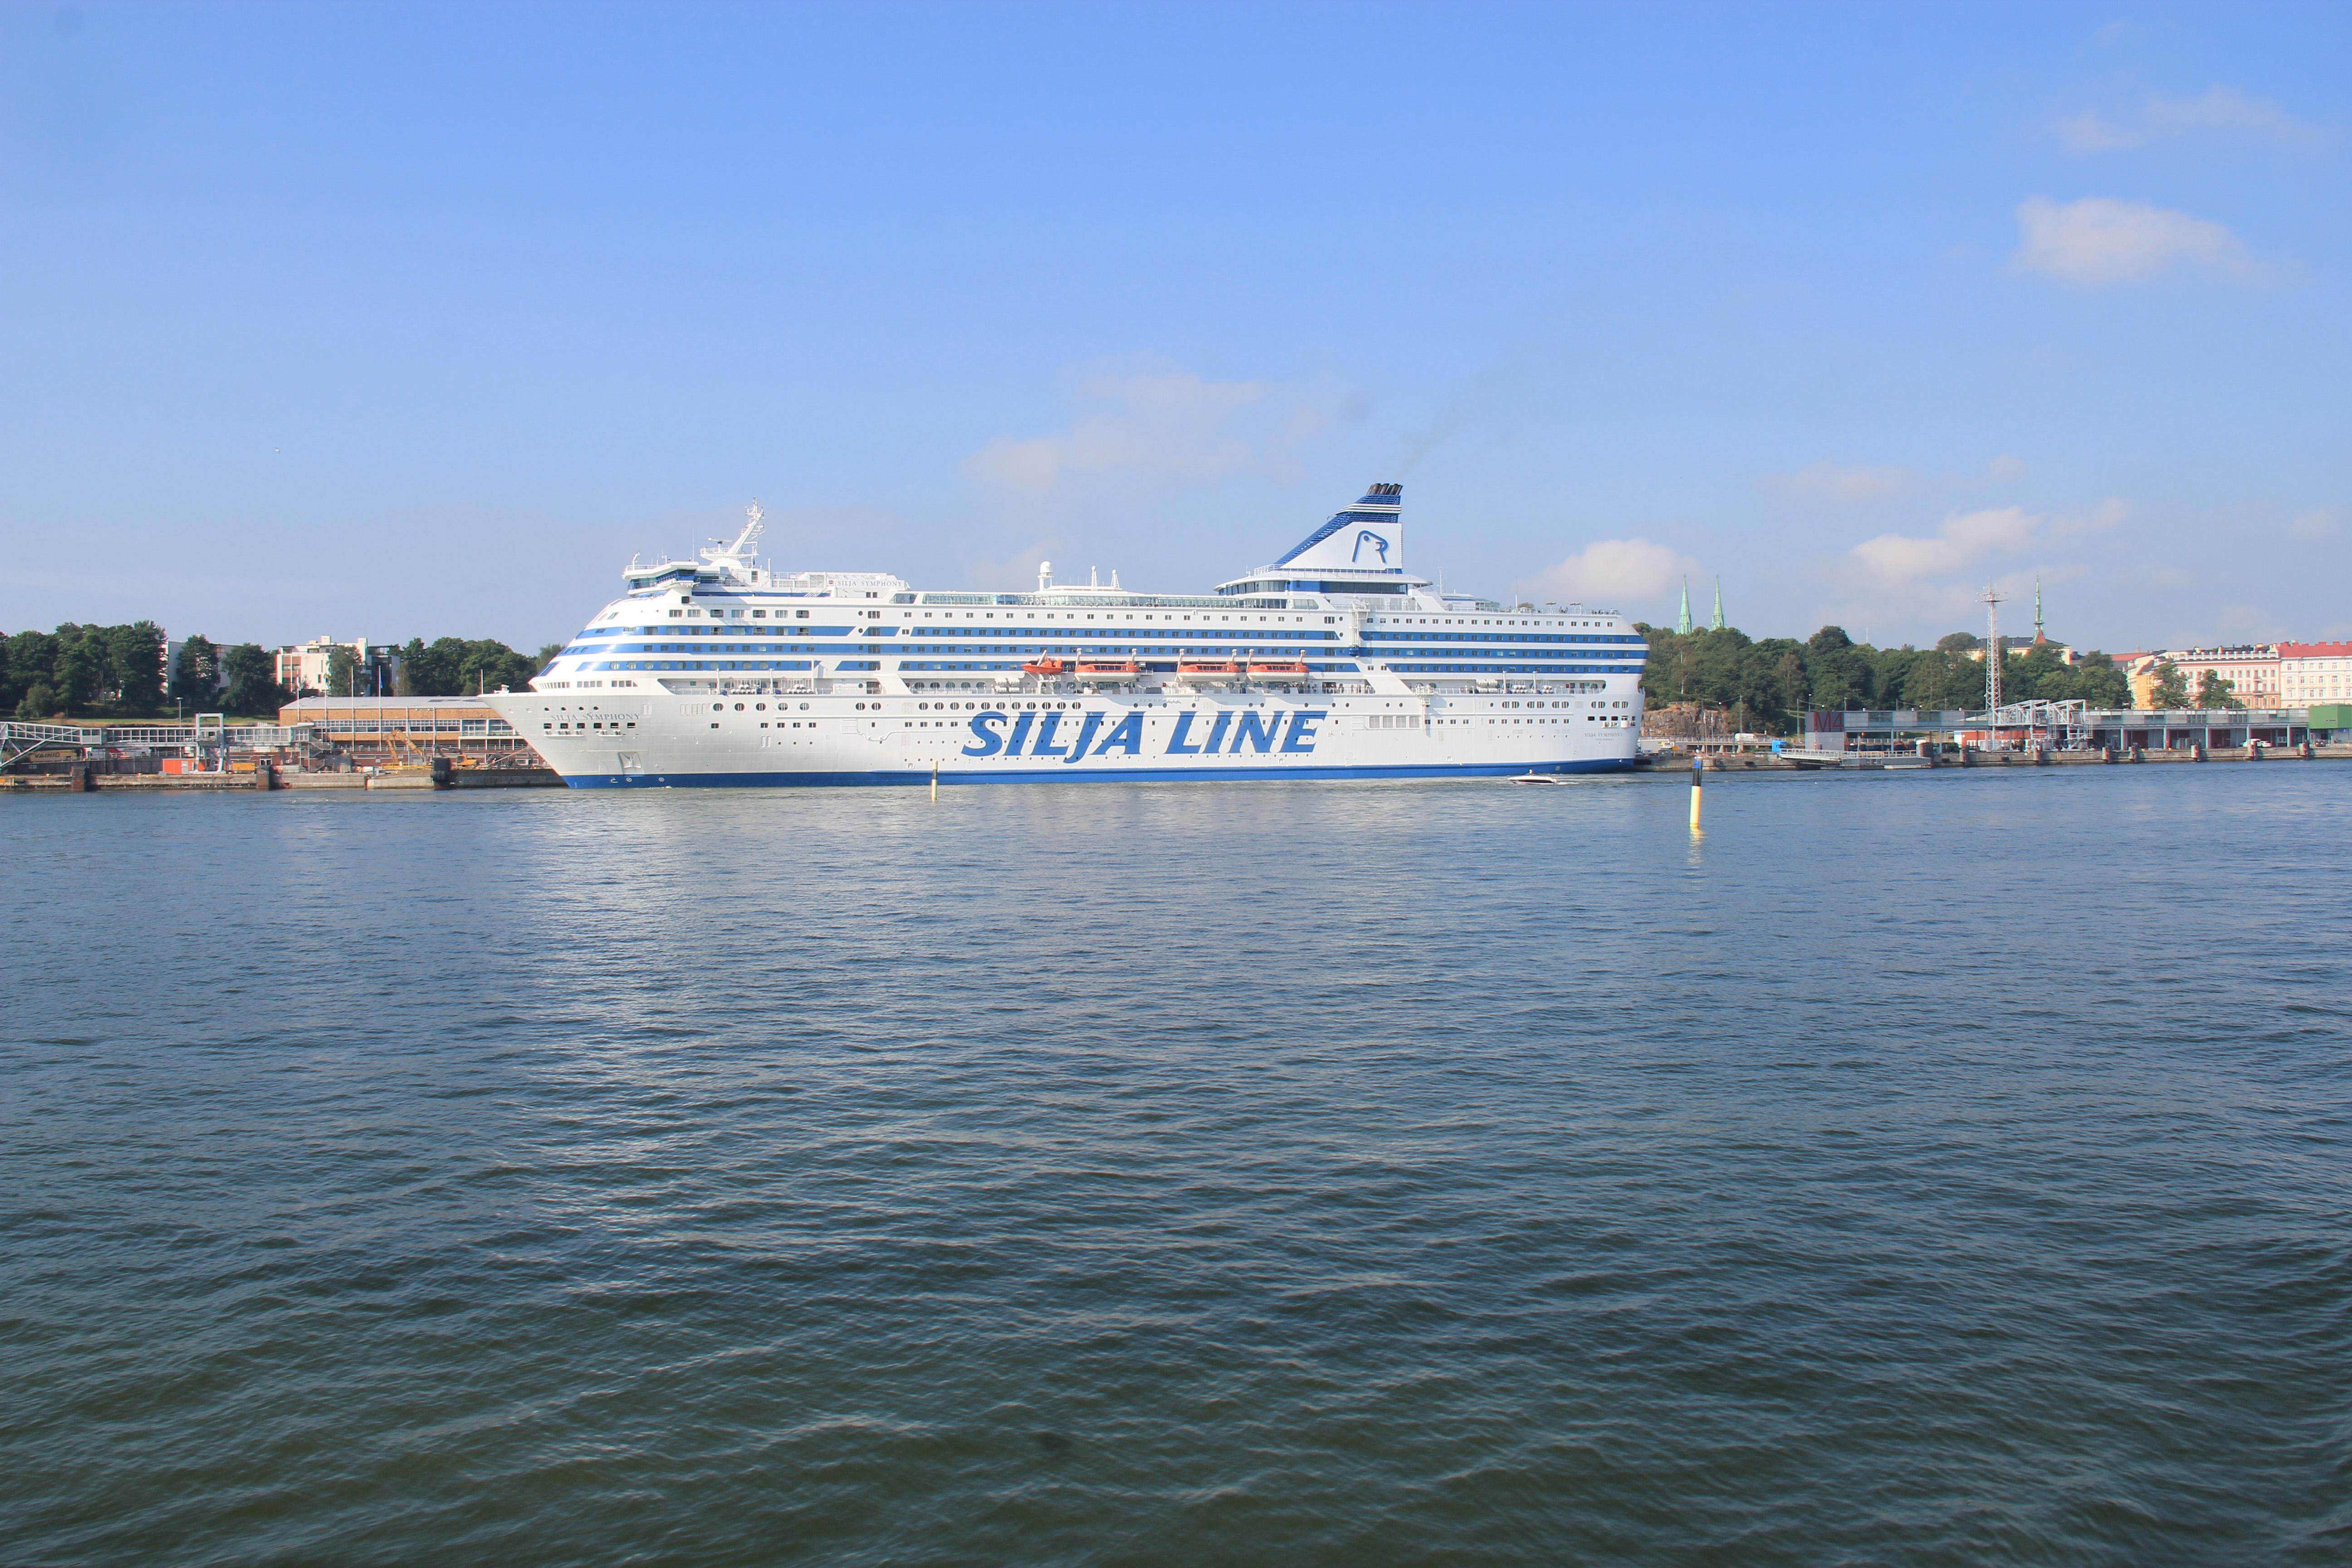 奥兰群岛以及俄罗斯的豪华游轮